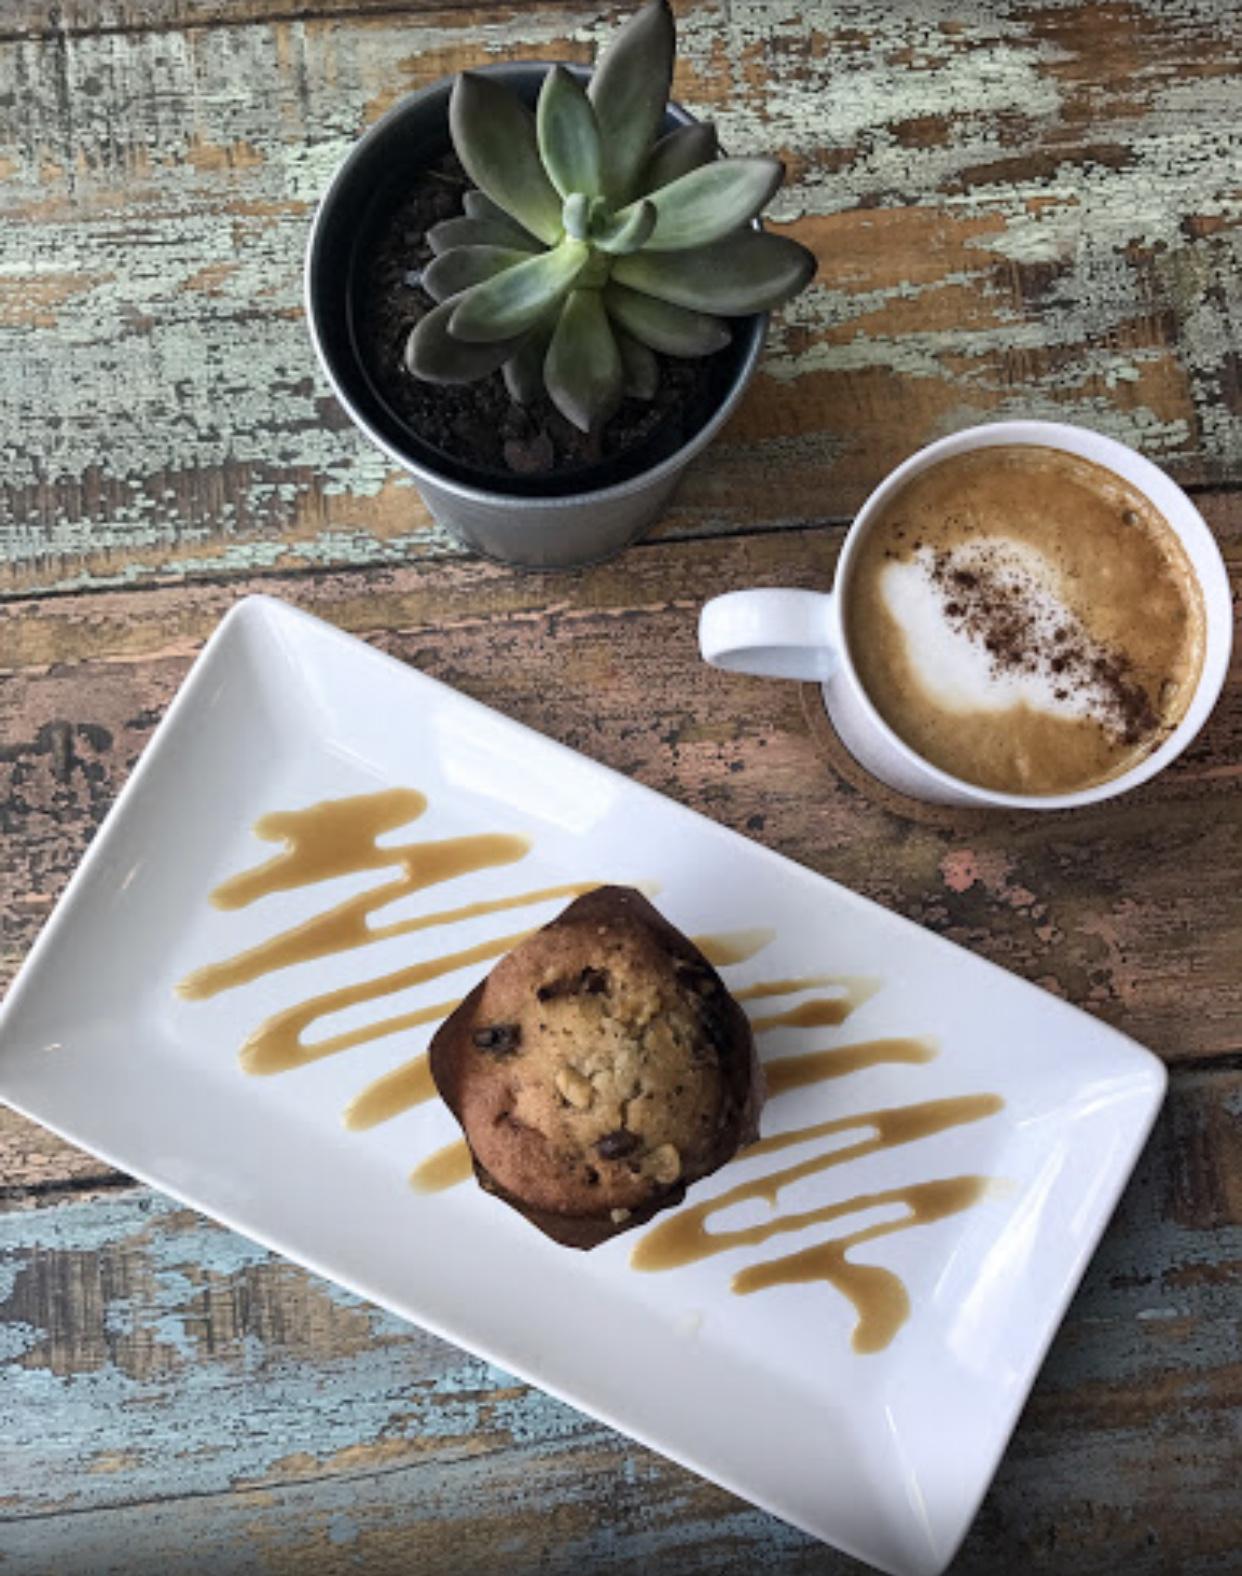 Warm muffins